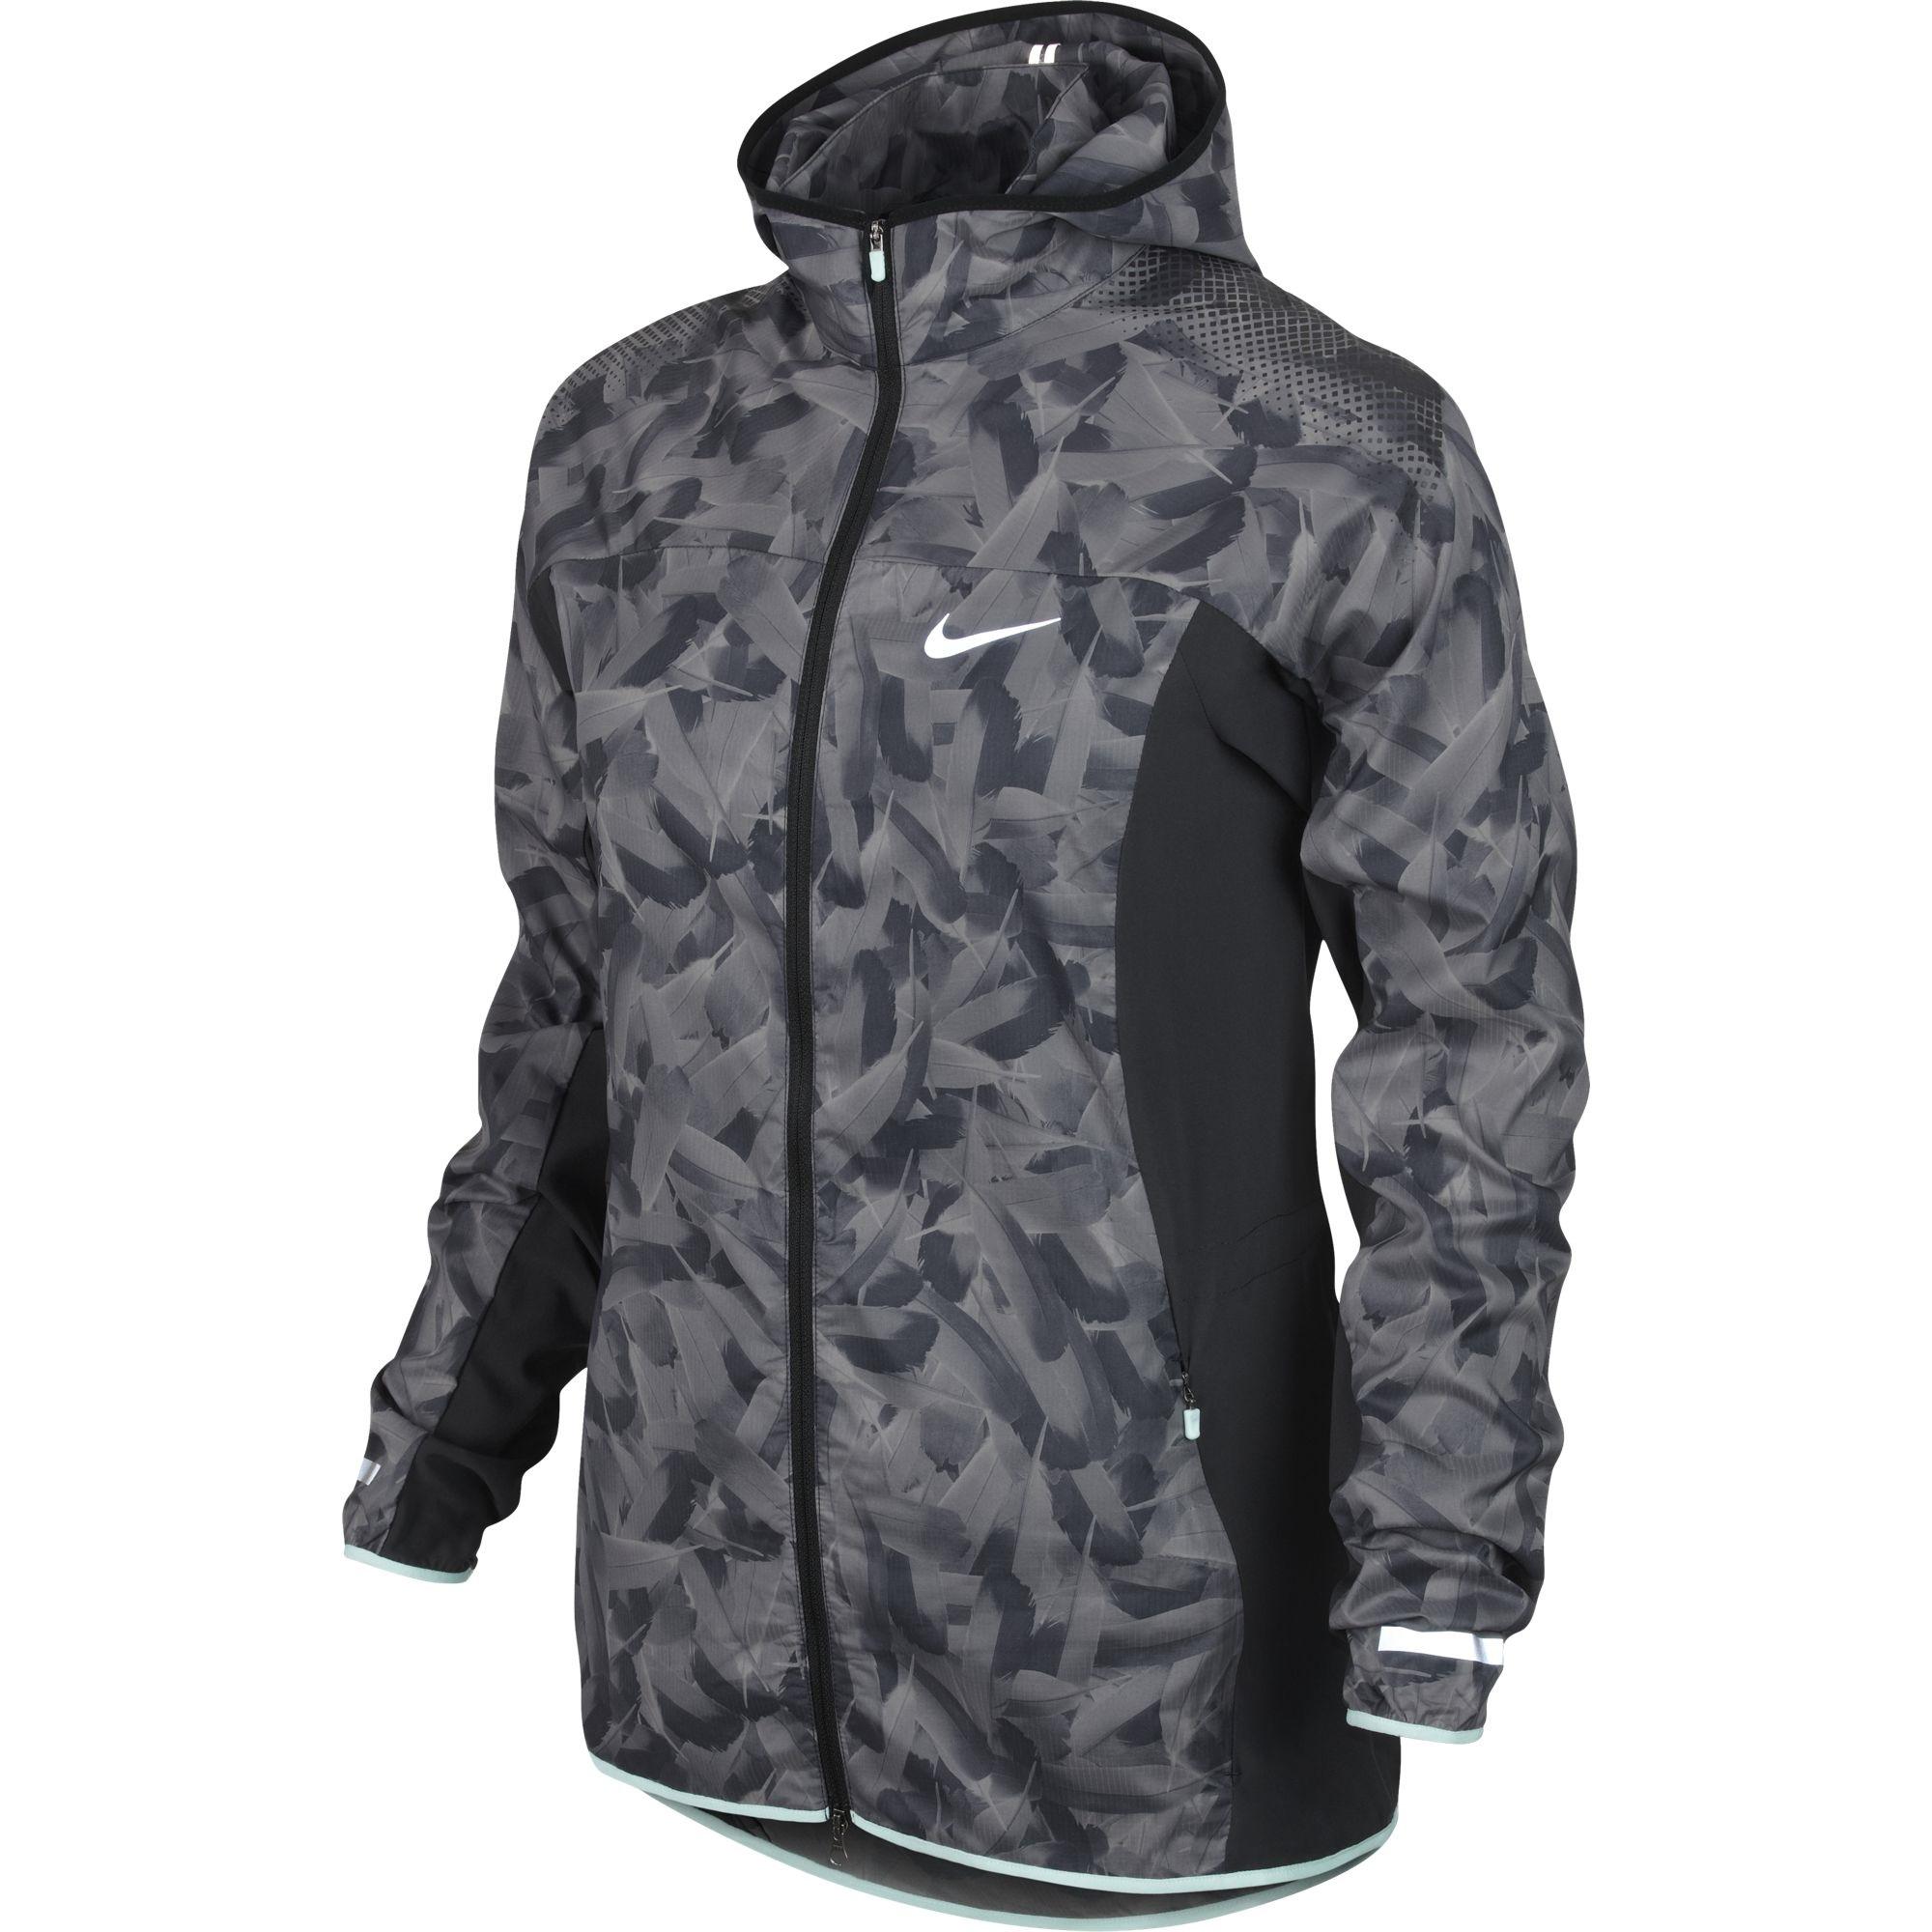 V80nwmn Trail Nike Femmes Camouflage Femme Veste Vêtements À Pour dxBoeC